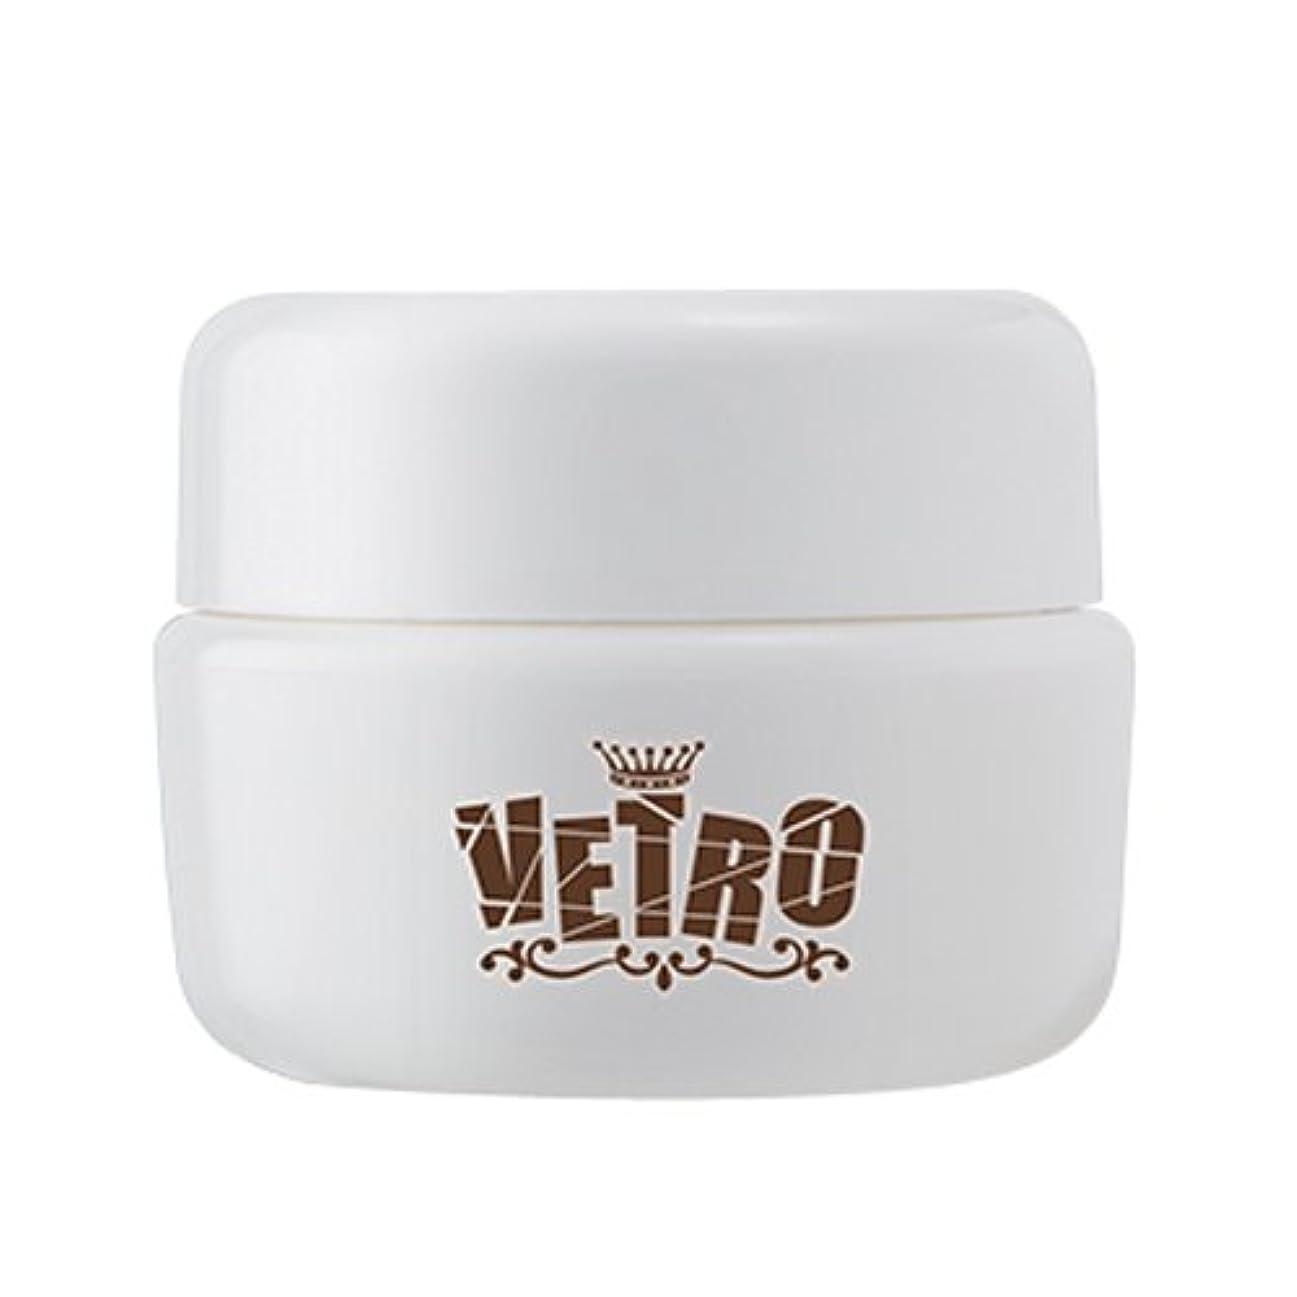 険しい鷲代理店VETRO ベトロ NO.19 カラージェル 4ml VL148エナメルリボン